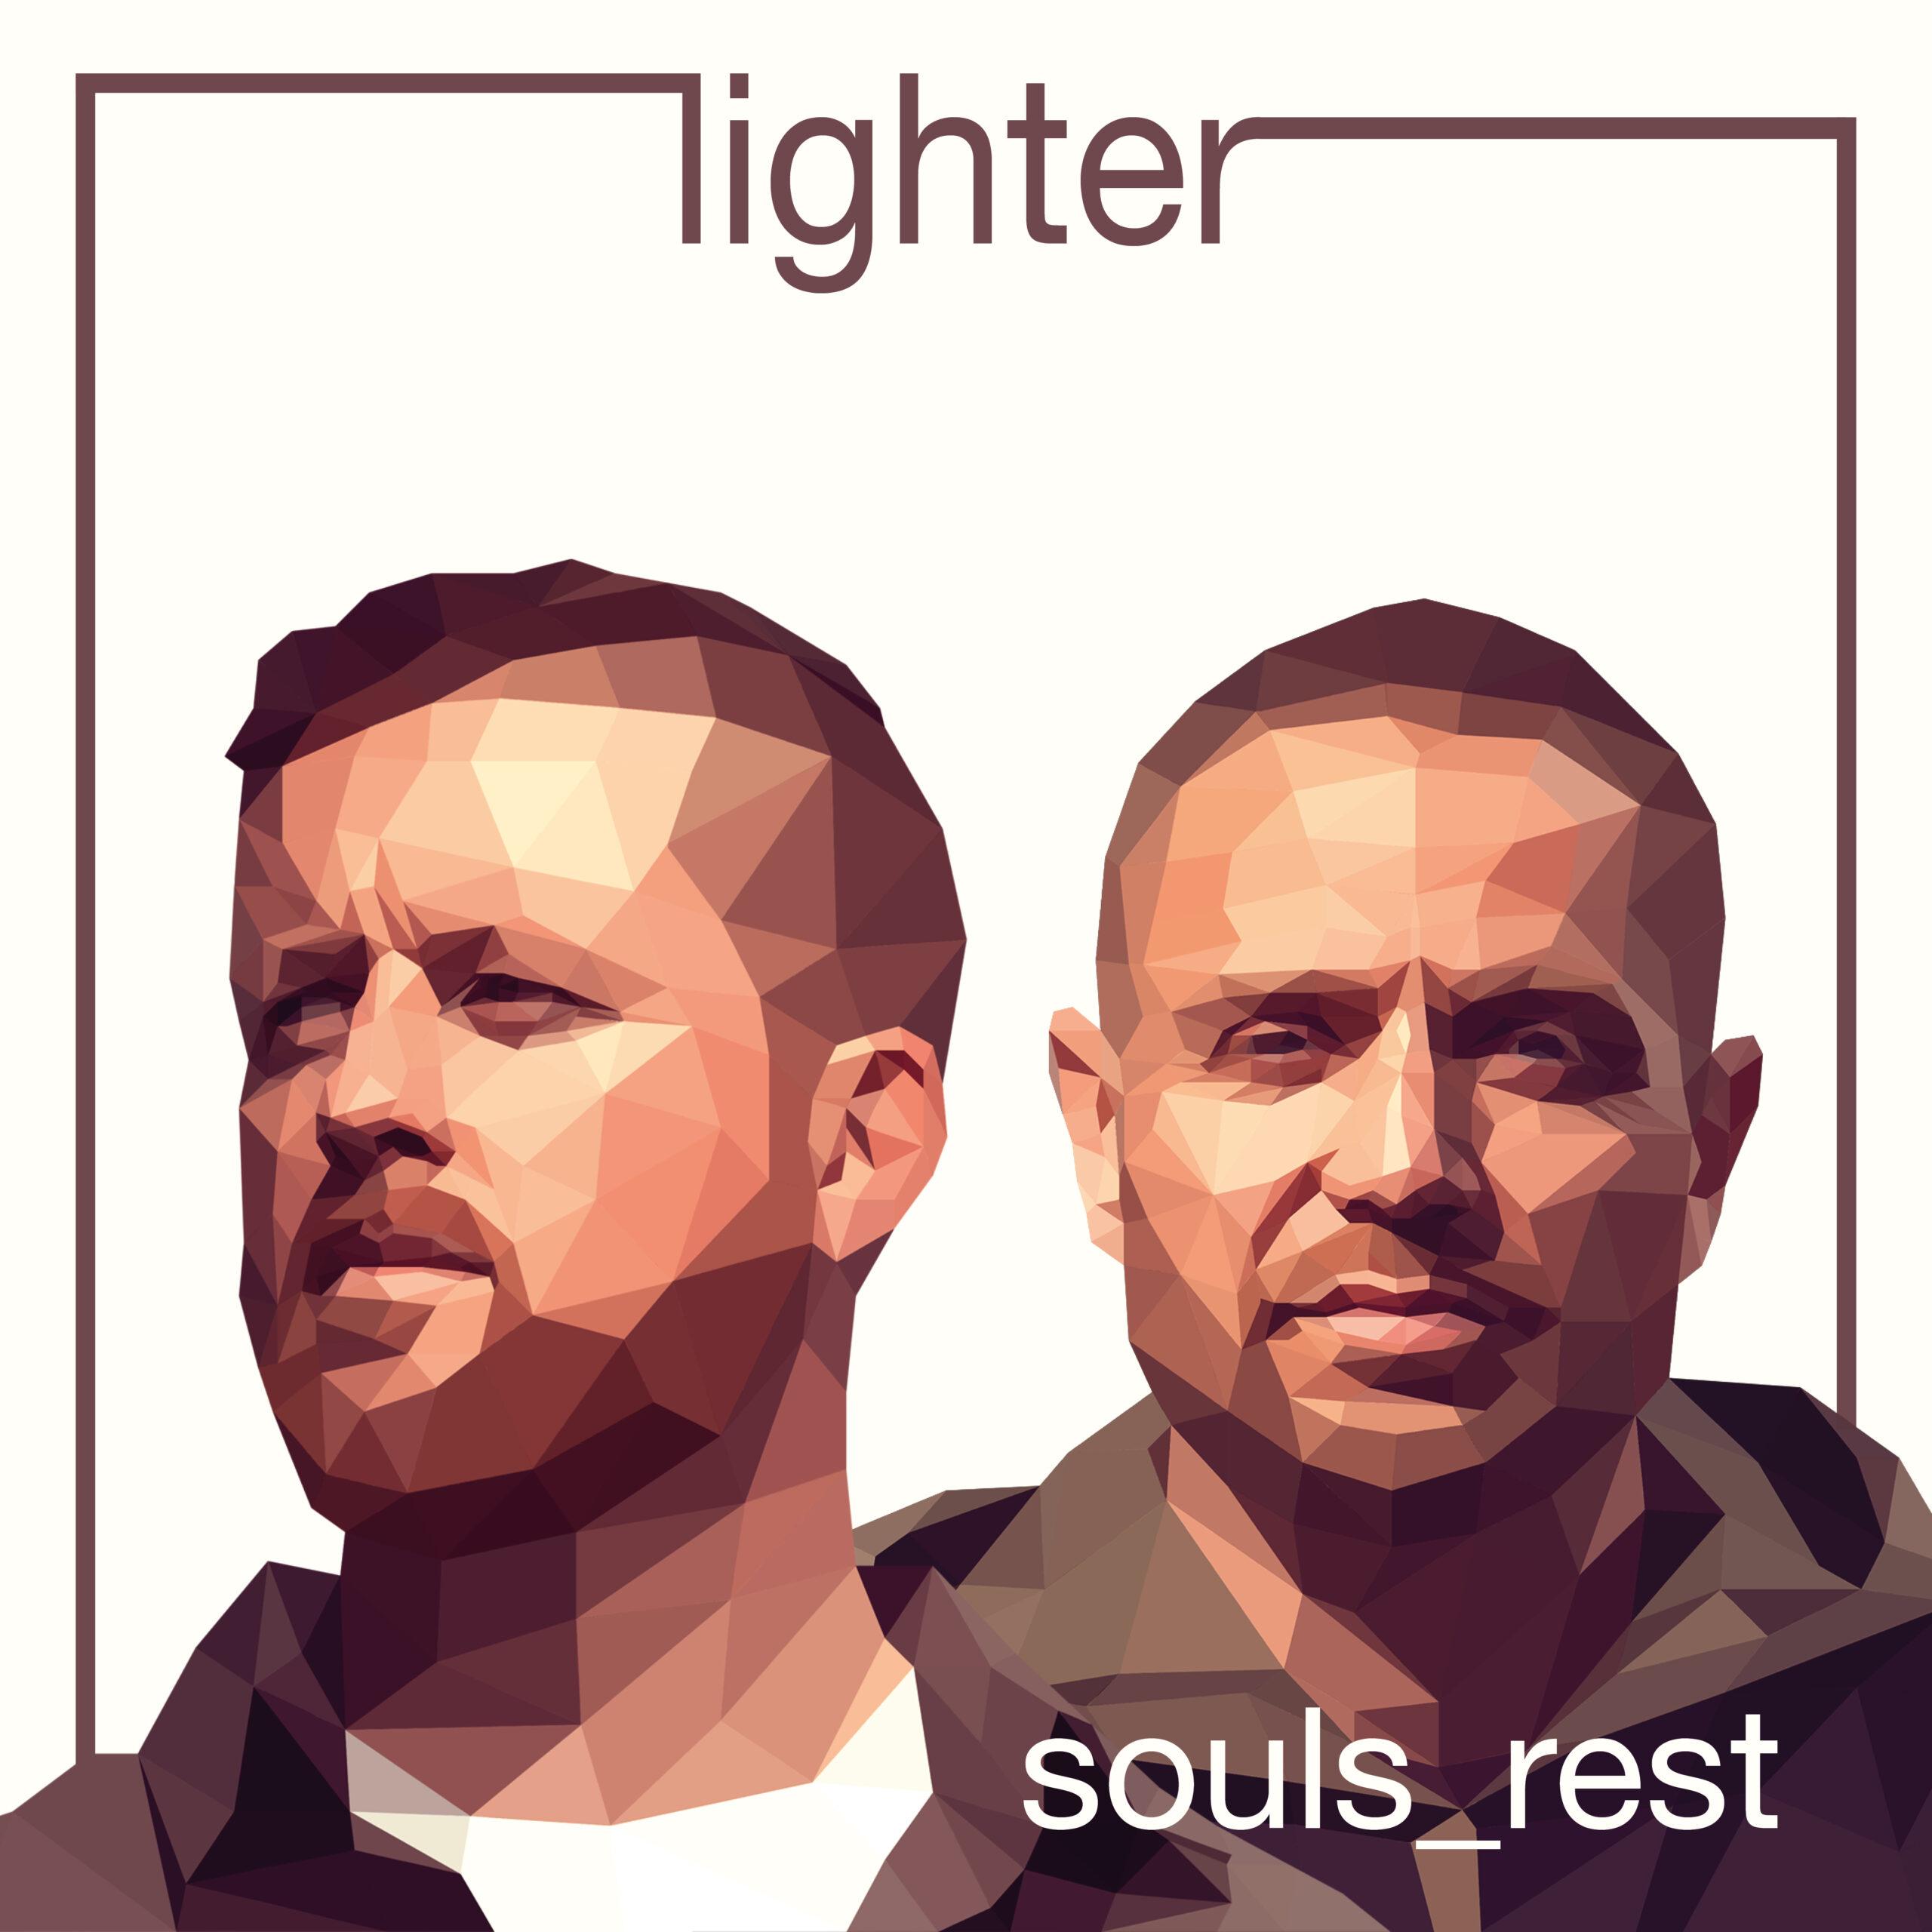 Souls Rest – Lighter